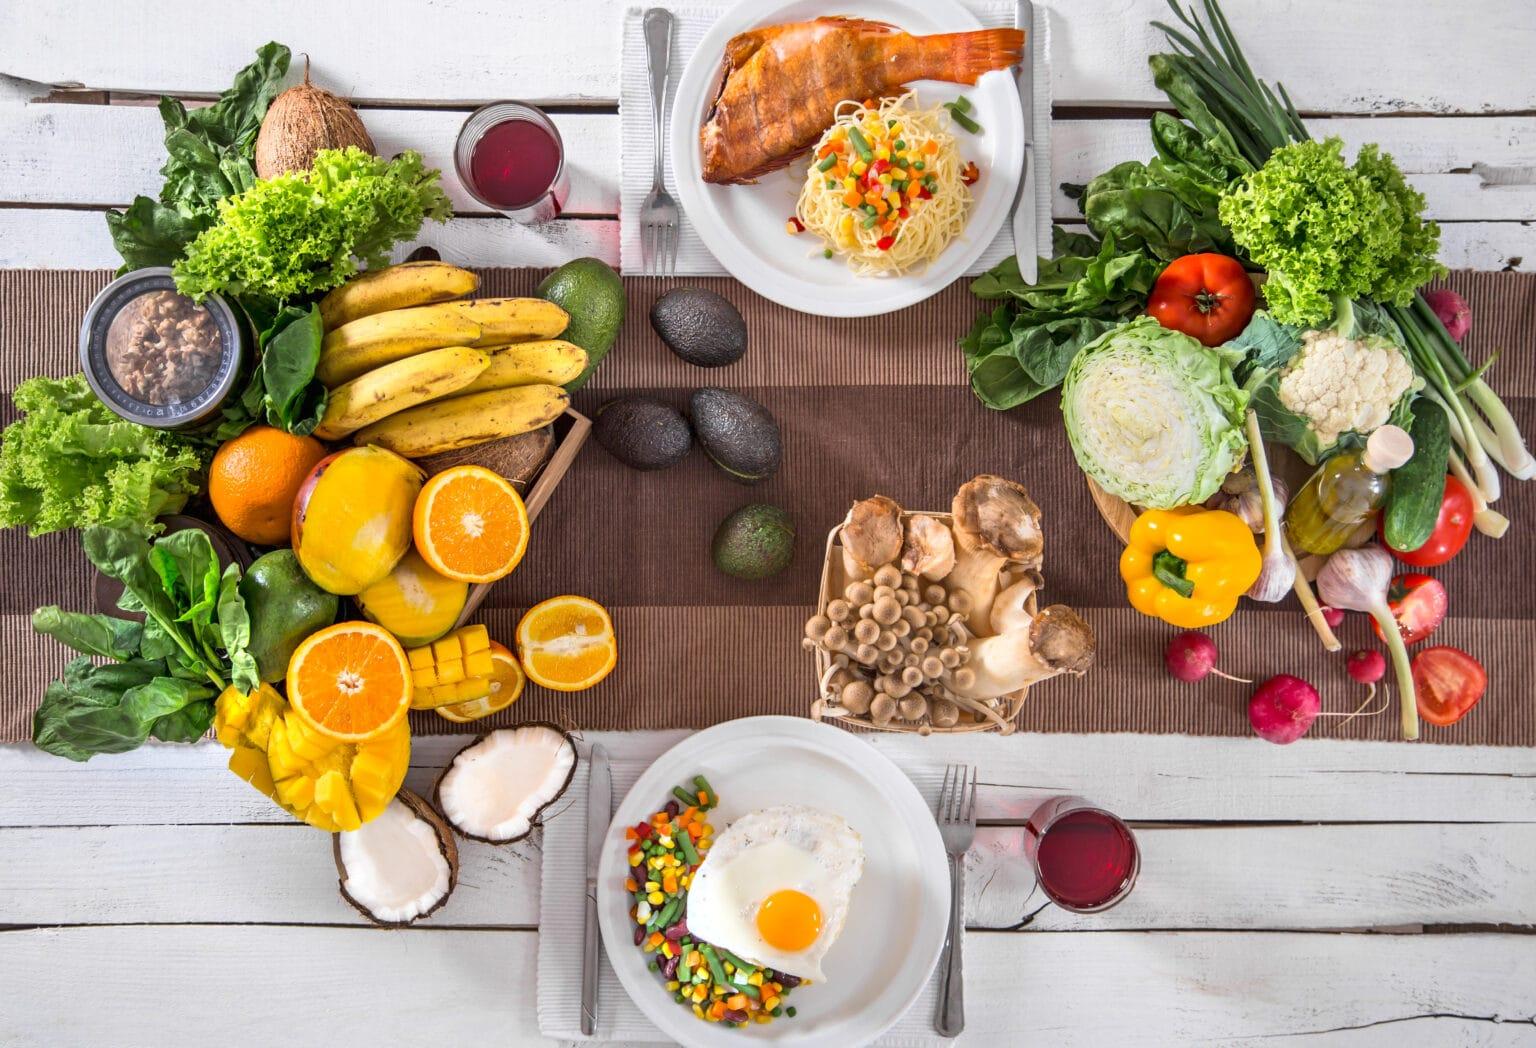 Mangiare sano: quali sono i cibi consigliati?